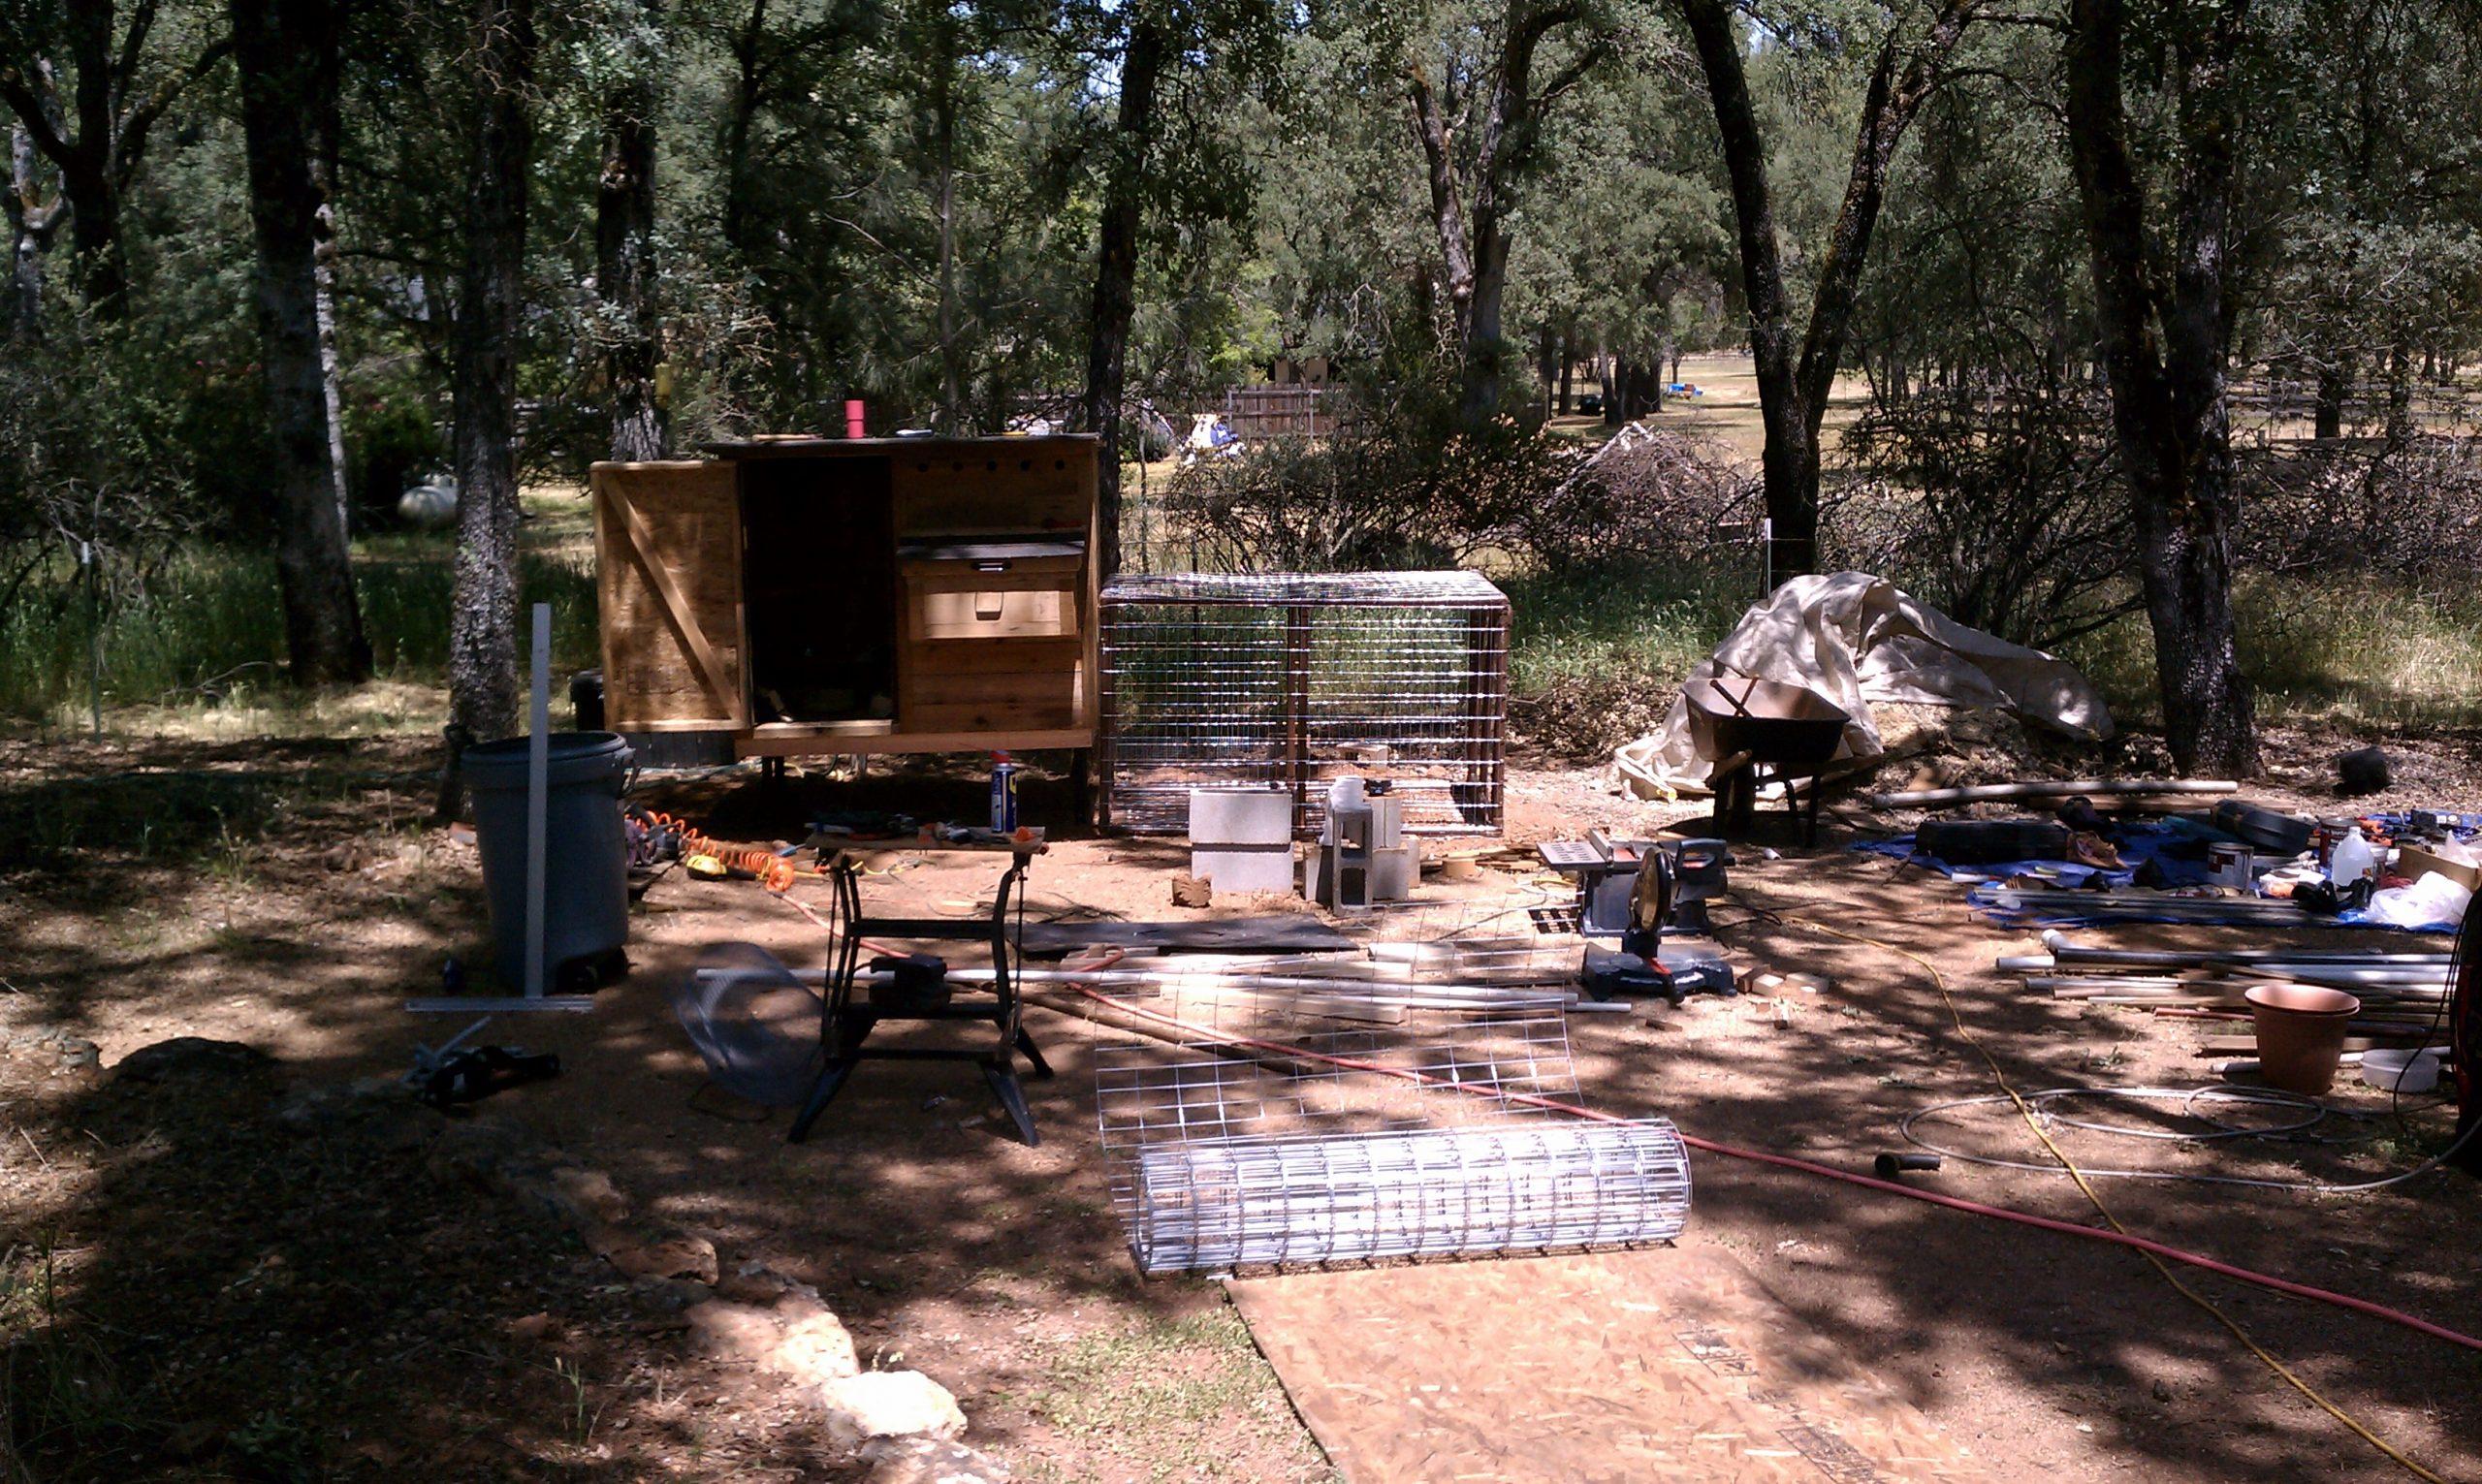 The Chicken Coop Build